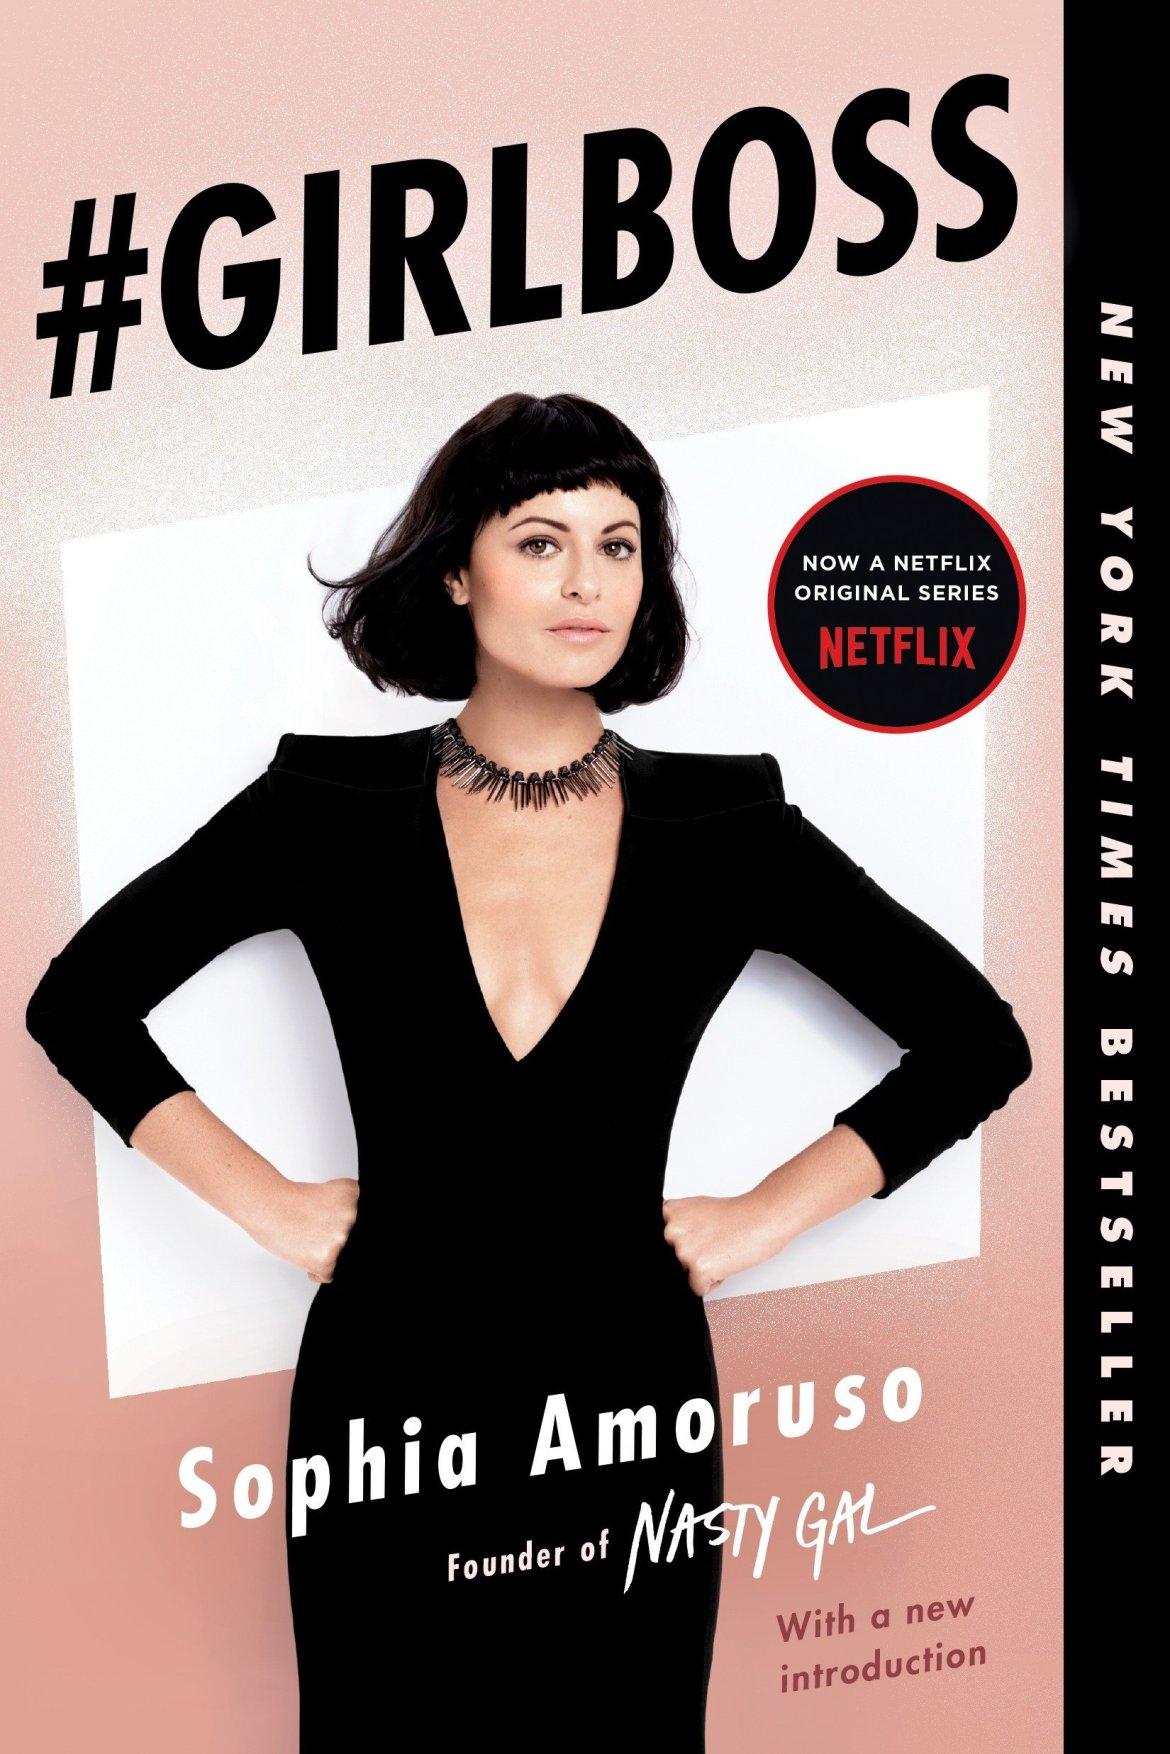 Amazon.com: #GIRLBOSS (9781591847939): Amoruso, Sophia: Books